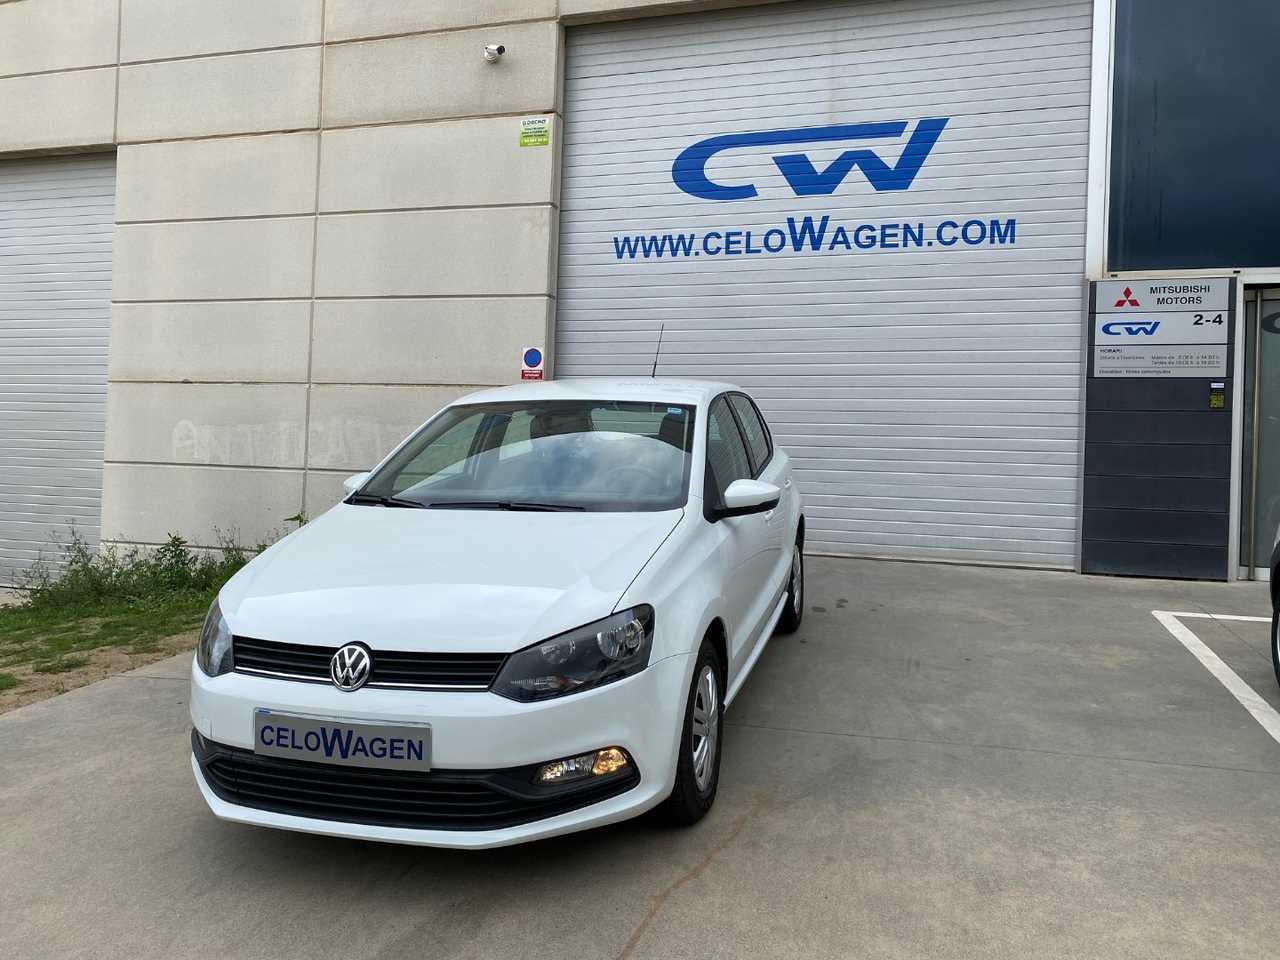 Volkswagen Polo 1.4 tdi Advance   - Foto 1